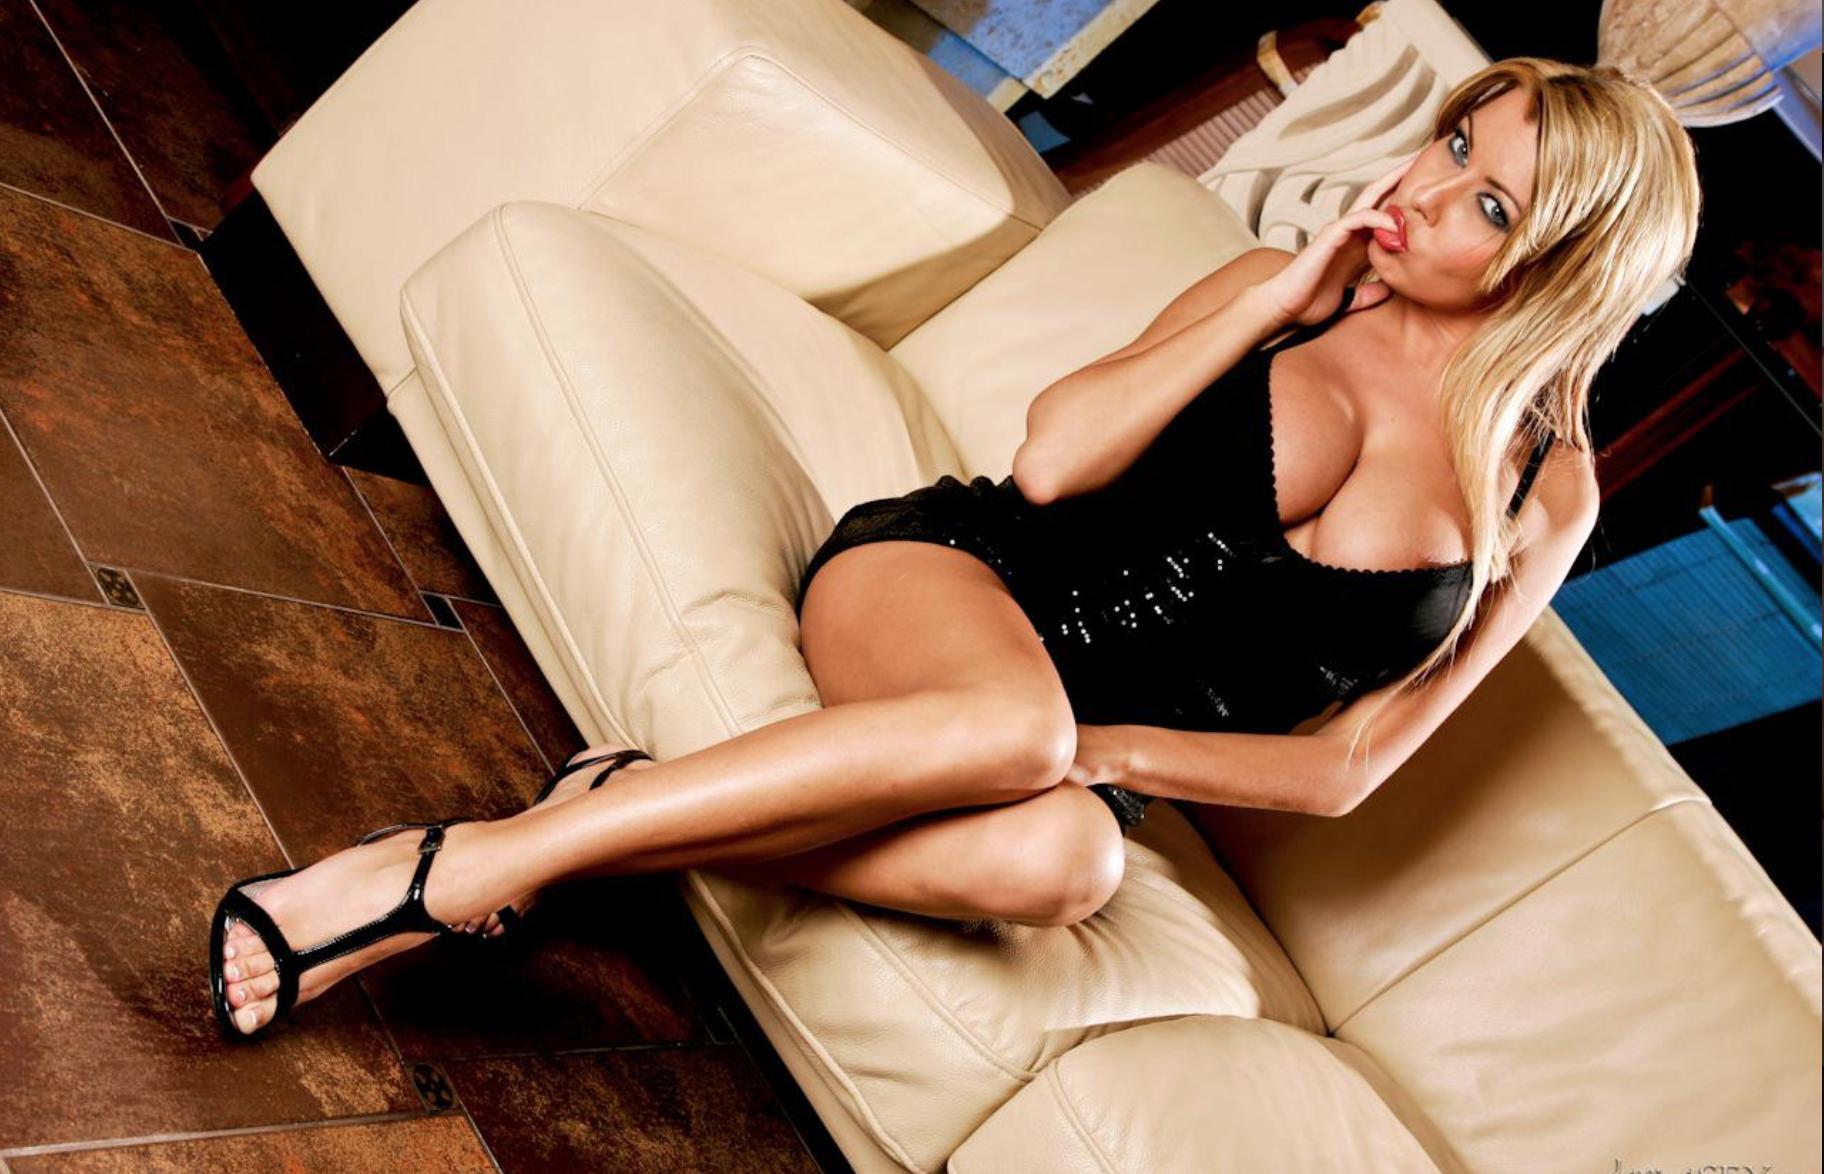 Nikky Blond Pornostar